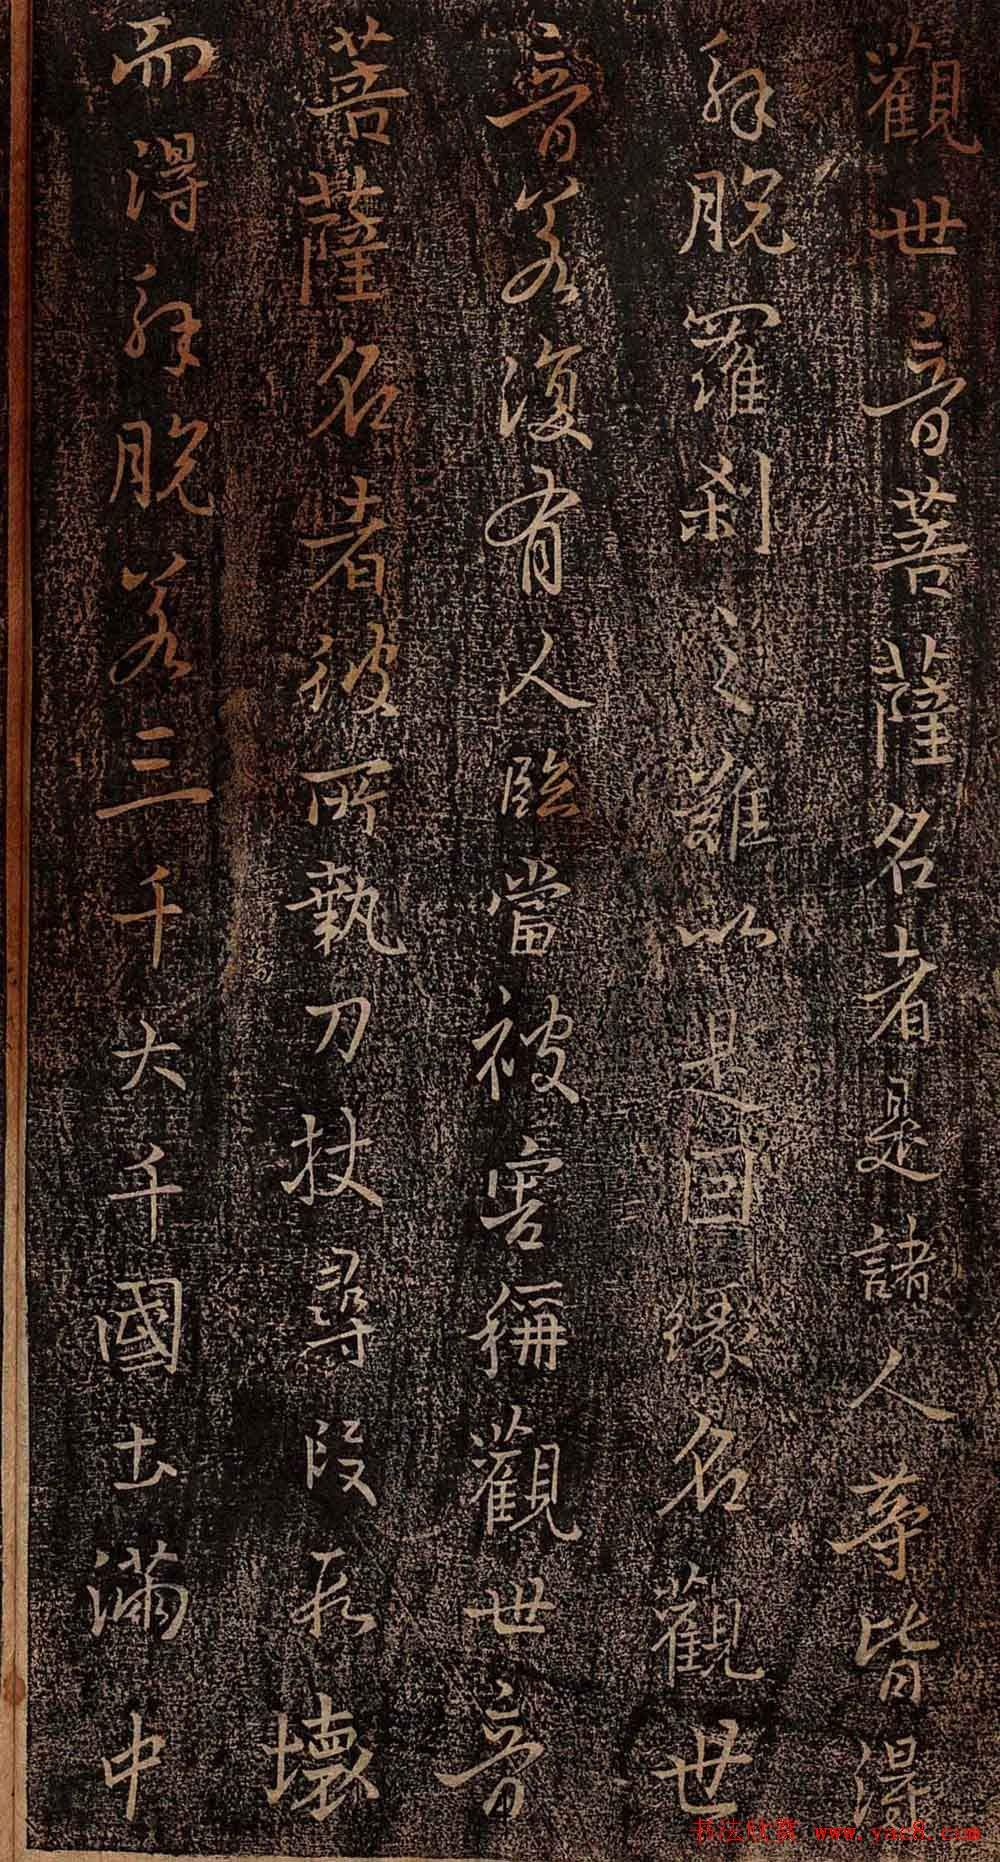 集王羲之書法《妙法蓮華經觀世音菩薩普門品》